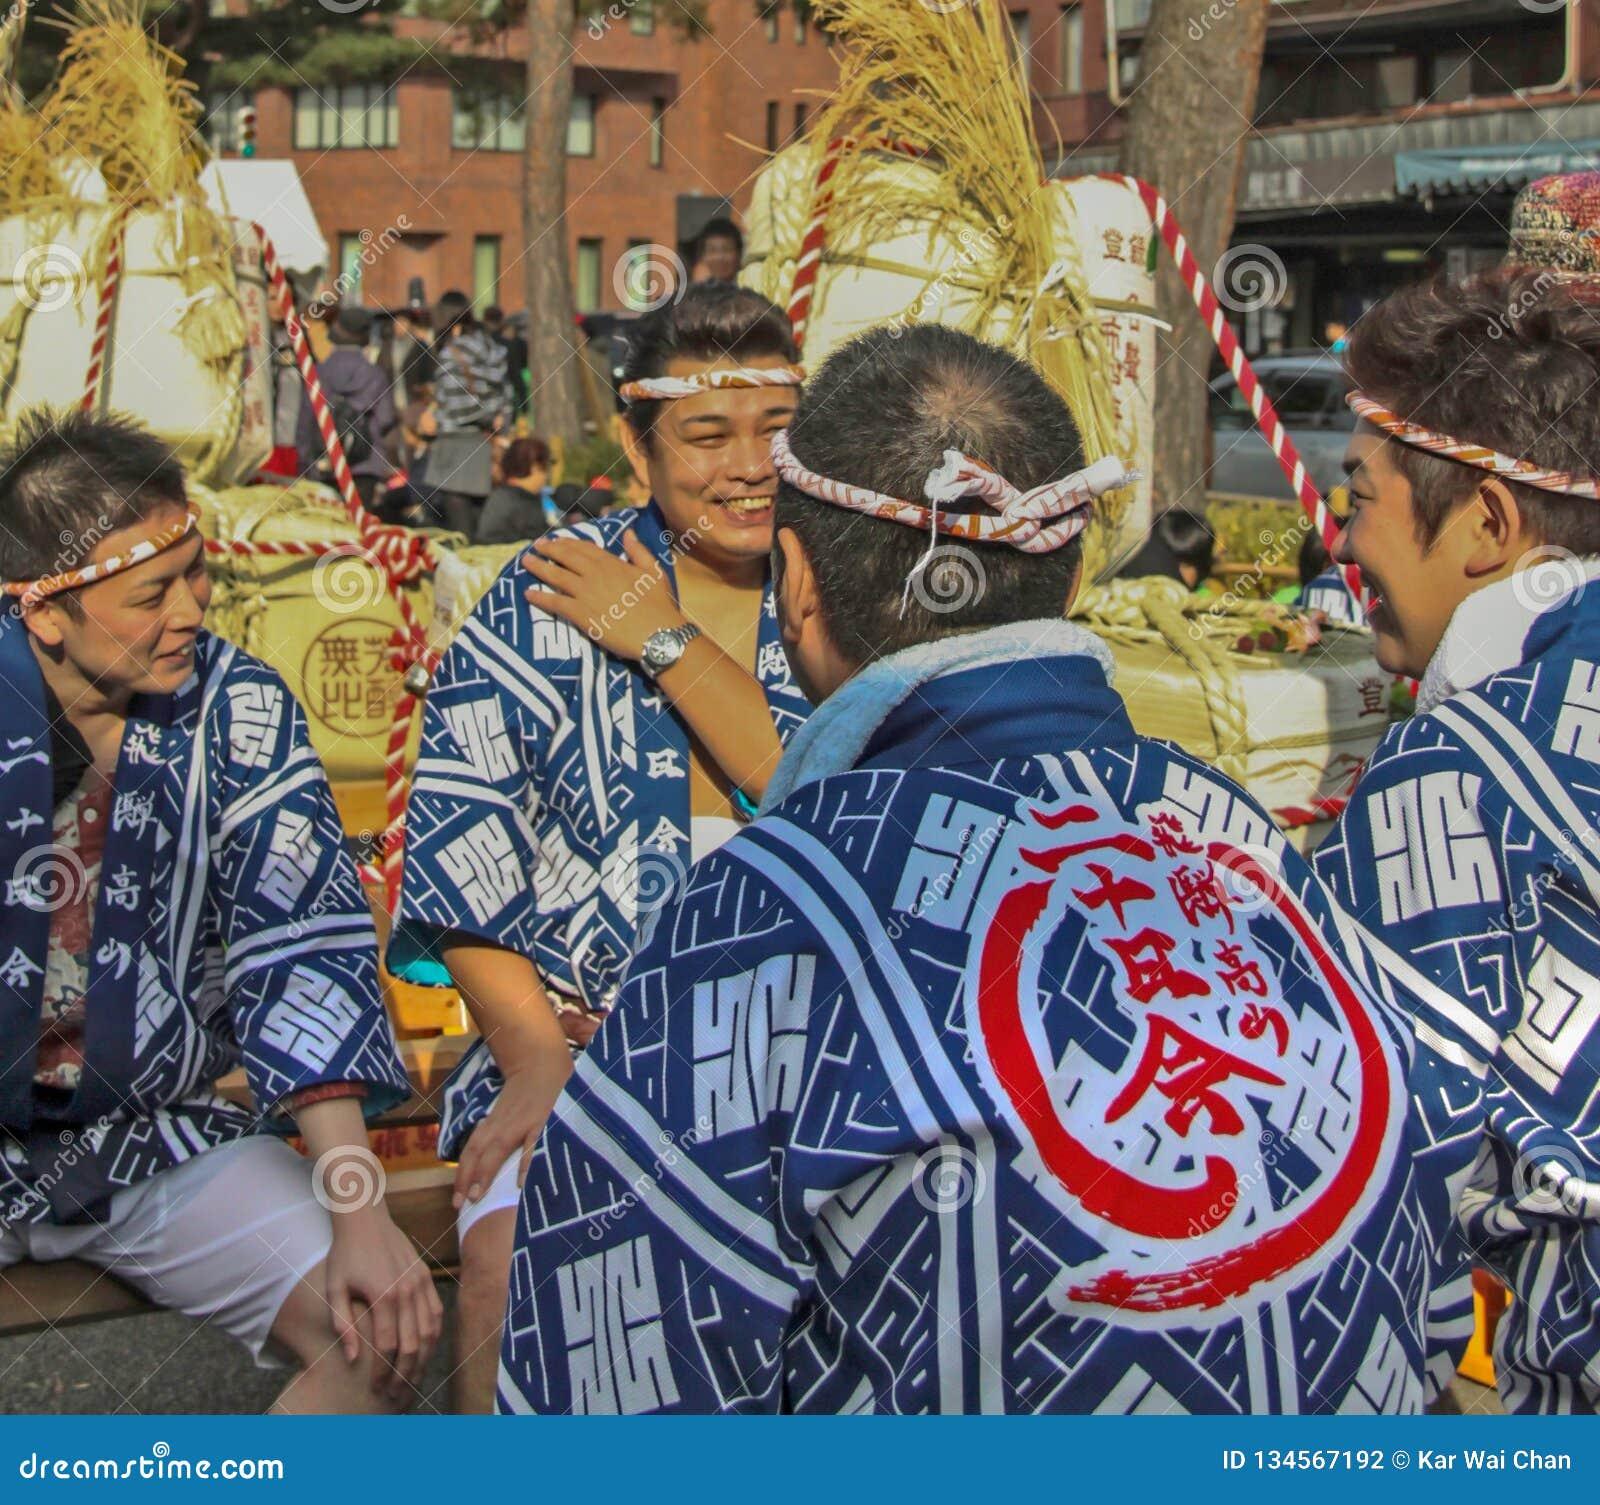 Κιότο, Ιαπωνία - 2010: Συμμετέχοντες στο φεστιβάλ χάρης